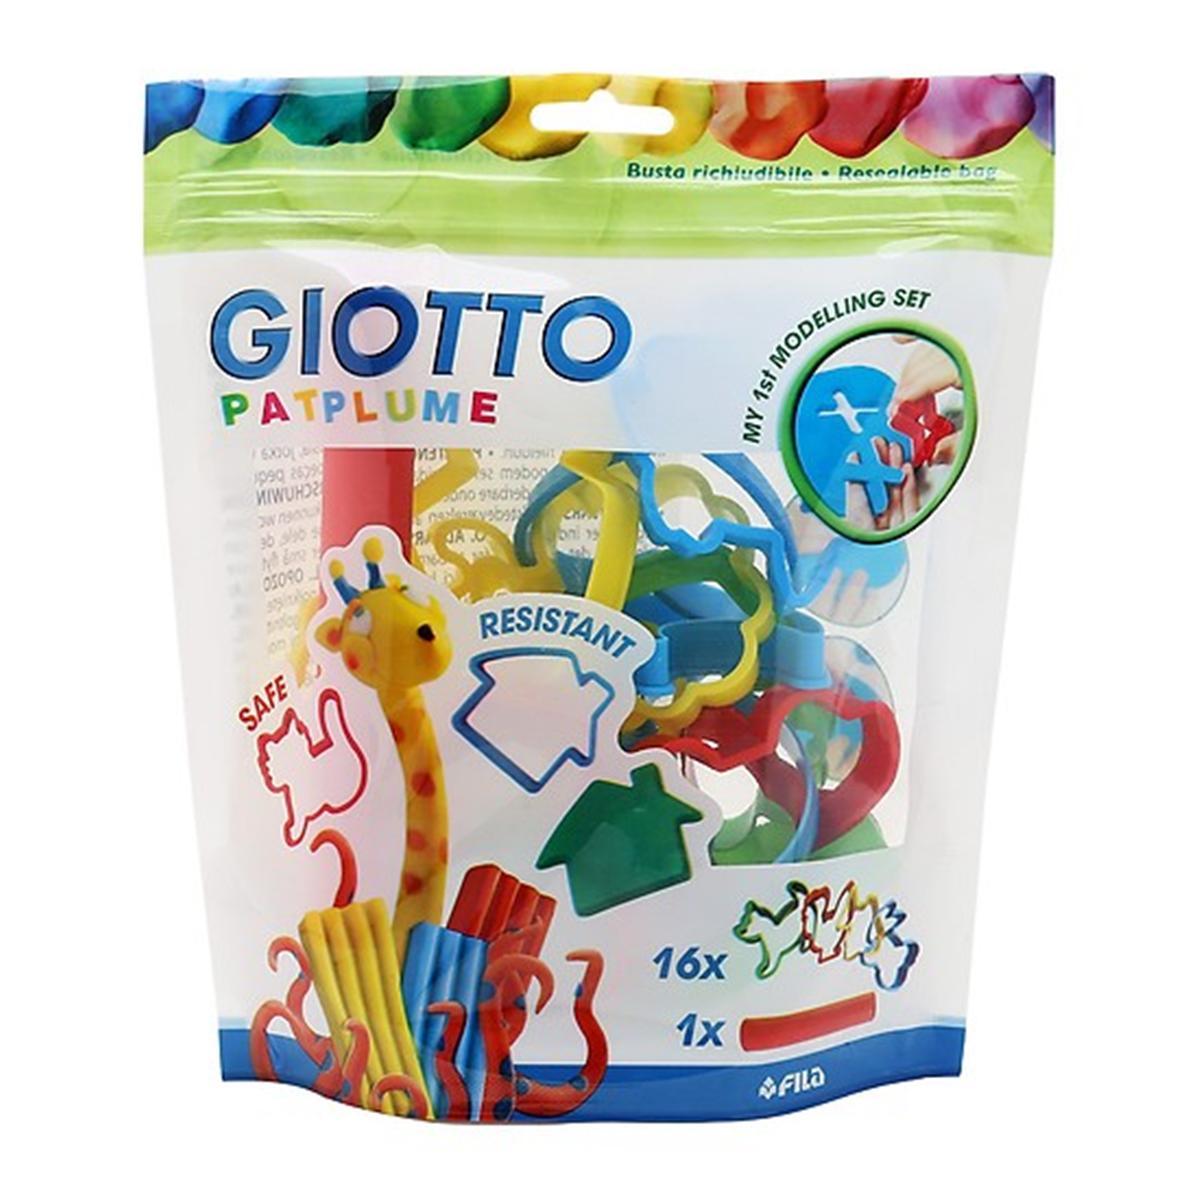 Combo 1 túi đất nặn 10 màu Giotto Patplume classic và 1 Bộ Khuôn chơi đất nặn GIOTTO PATPLUME